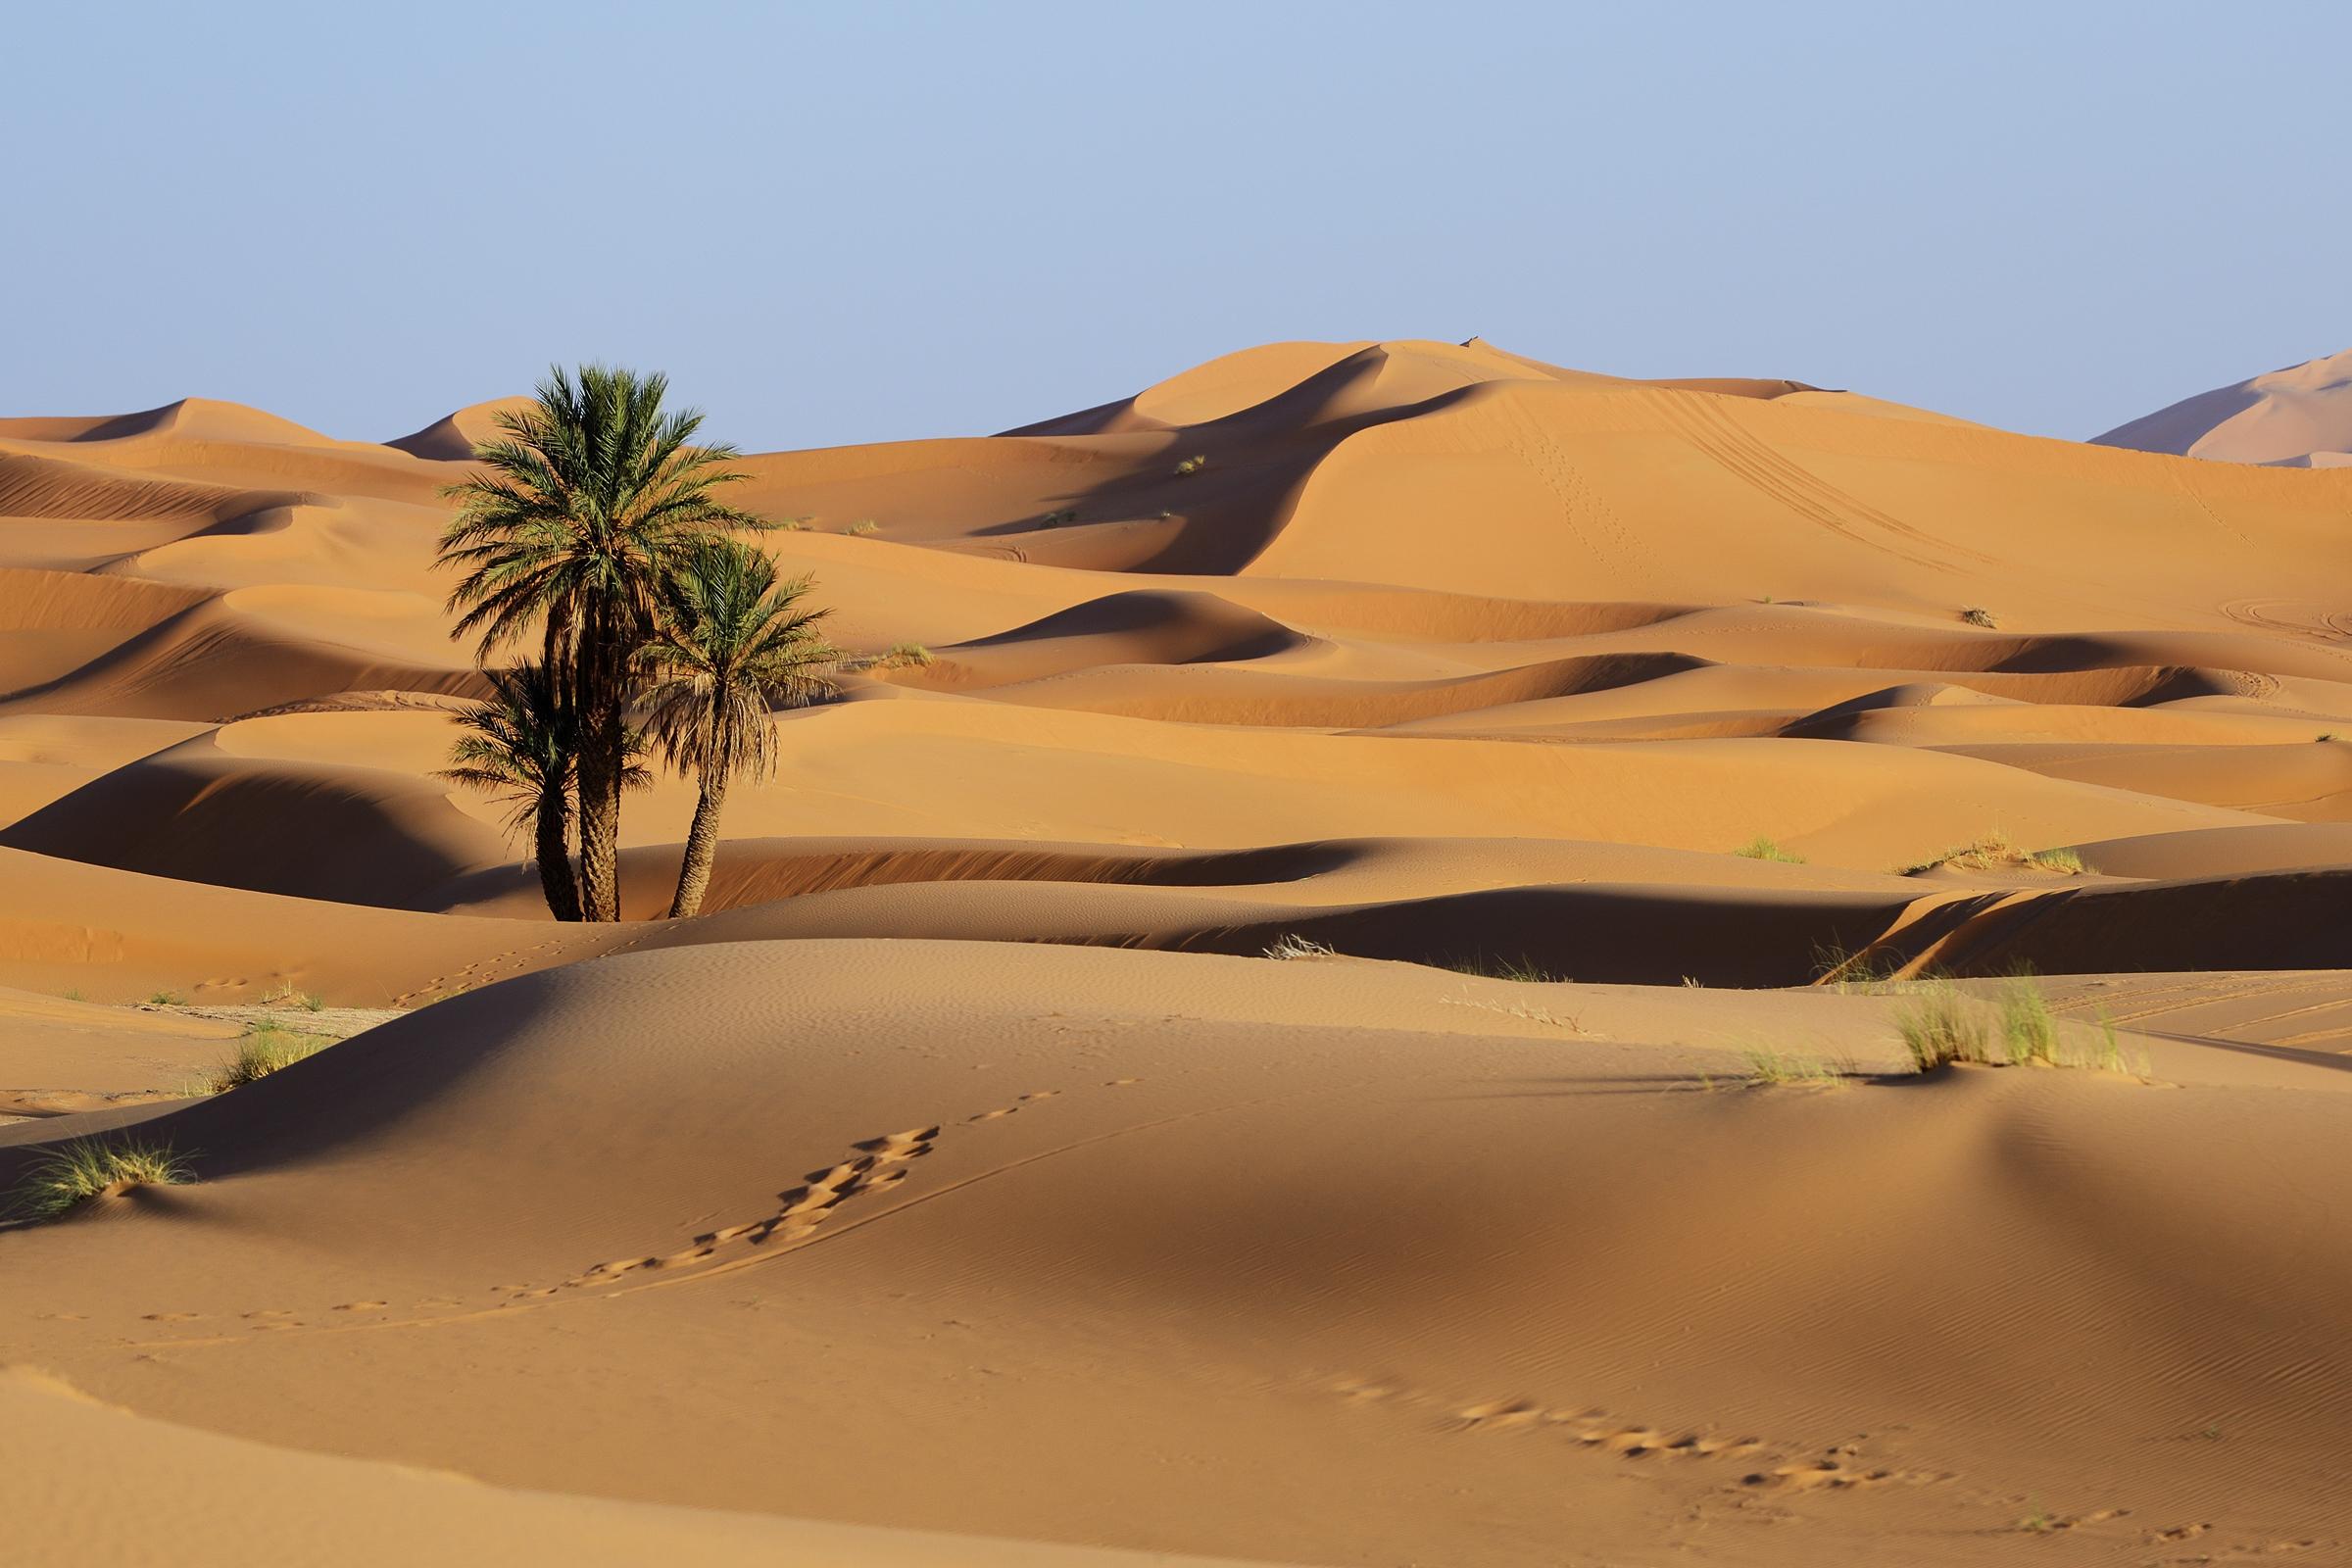 Saharan sand dunes, Morocco